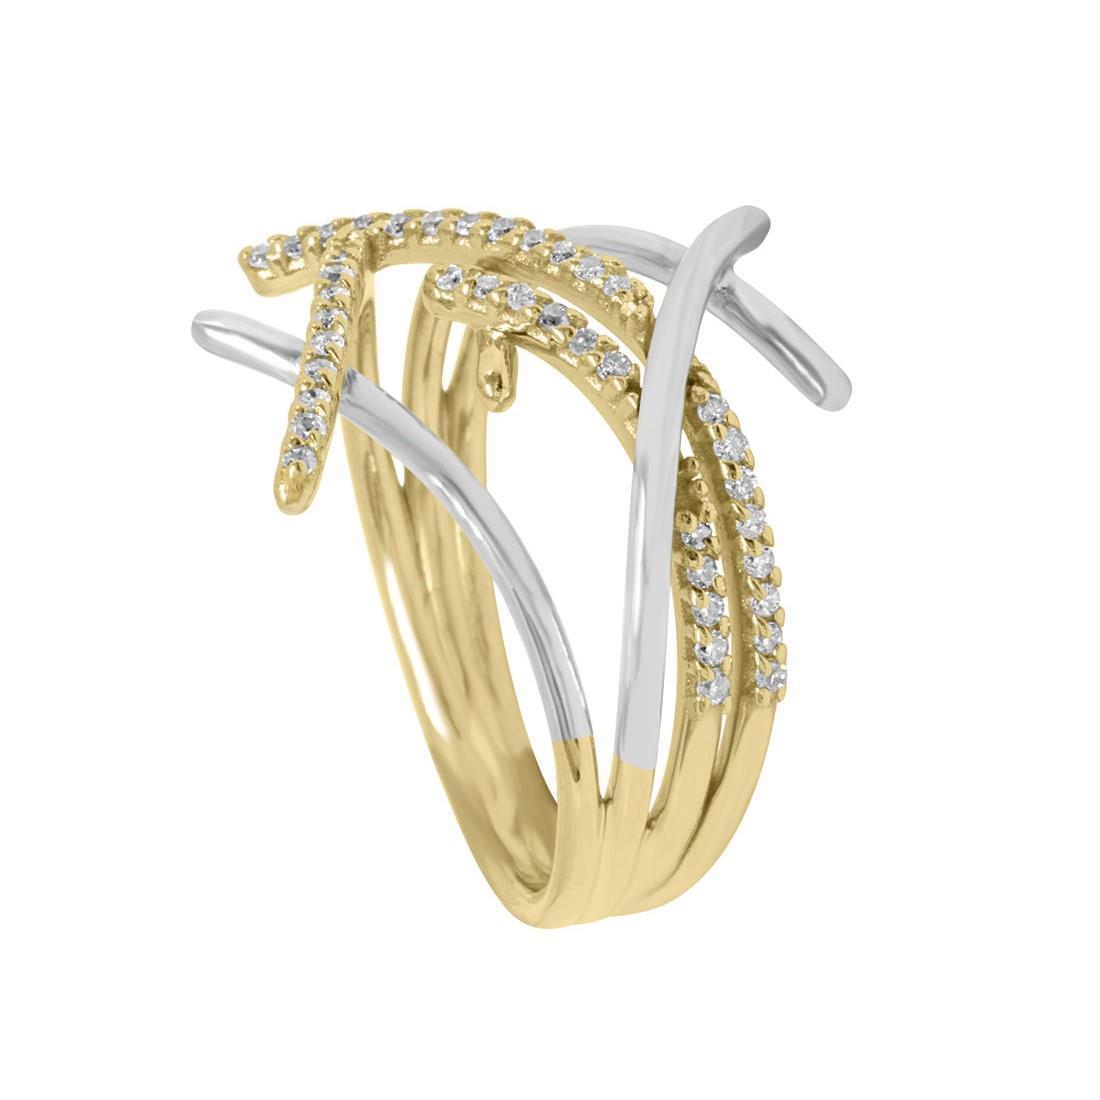 Anello Alfieri & St John in oro bianco e giallo con diamanti bianchi ct 0,24  - ALFIERI ST JOHN